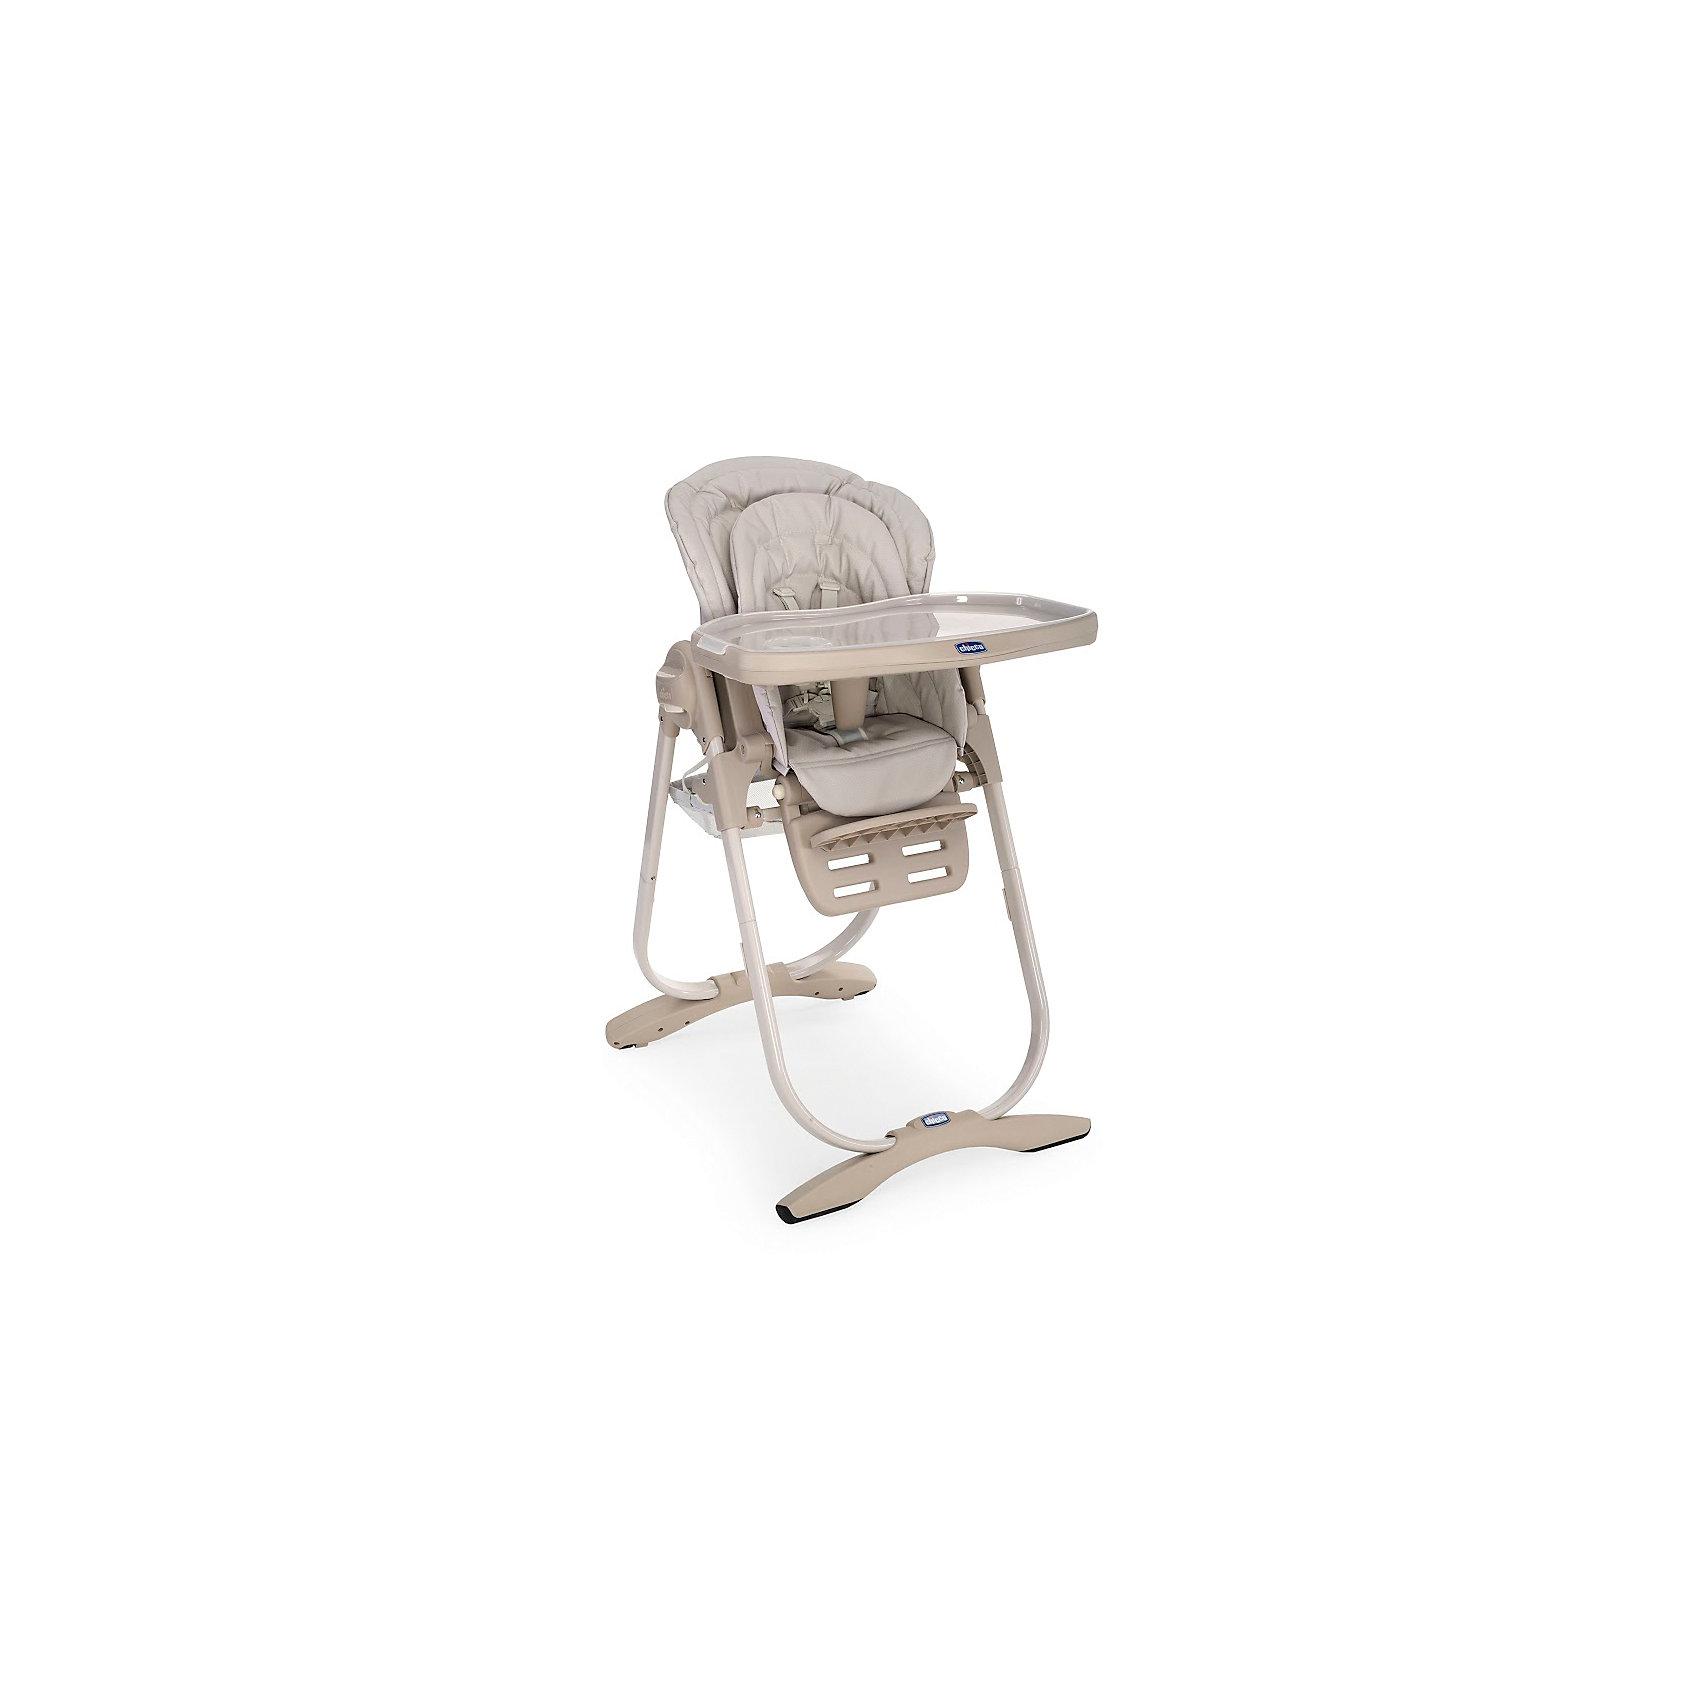 Стульчик для кормления Polly Magic Mirage, Chiccoот рождения<br>Стульчик для кормления Polly Magic Mirage, Chicco (Чико), обеспечит комфорт и безопасность Вашего малыша во время кормления. Спинка сиденья регулируется в 3 положениях (сидя, полусидя, лежа), что позволяет использовать стульчик как для кормления так и для игр и сна. Для новорожденных детей до 6 месяцев можно использовать стульчик как шезлонг, установив спинку в положении полулежа и прикрепив дугу с разноцветными игрушками. Для детей возрастом от 6 до 12 месяцев его можно превратить в высокий детский стульчик. Удобное эргономичное сиденье оснащено регулируемыми 5-точечными ремнями безопасности, внутри имеется съемный мягкий вкладыш с набивкой. Высота стула регулируется в 6 положениях. Подножка также регулируется в 3-х положениях по высоте. <br><br>Широкий съемный столик имеет крышку с отделением для кружки или стакана, которую можно снять и использовать основную поверхность для игр и занятий. Столик легко снимается нажатием одной кнопки. Для детей от года до 3 лет стул можно использовать без столика для<br>кормления, придвинув его к столу для взрослых. Внизу стульчика крепится вместительная корзина для детских принадлежностей. Тканевые детали снимаются для чистки. Стульчик легко складывается с помощью кнопки регулировки и складывания Easy Touch и занимает мало места при хранении.<br><br>Дополнительная информация:<br><br>- Цвет: mirage (бежевый).<br>- Материал: пластик, металл, текстиль.<br>- Размер в разложенном состоянии: 104,5 х 63,5 х 85 см. <br>- Размер в сложенном состоянии: 100 х 55 х 27 см. <br>- Вес: 12,535 кг.<br><br>Стульчик для кормления Polly Magic Mirage, Chicco (Чико), можно купить в нашем интернет-магазине.<br><br>Ширина мм: 560<br>Глубина мм: 320<br>Высота мм: 630<br>Вес г: 12535<br>Возраст от месяцев: 0<br>Возраст до месяцев: 36<br>Пол: Унисекс<br>Возраст: Детский<br>SKU: 4064571